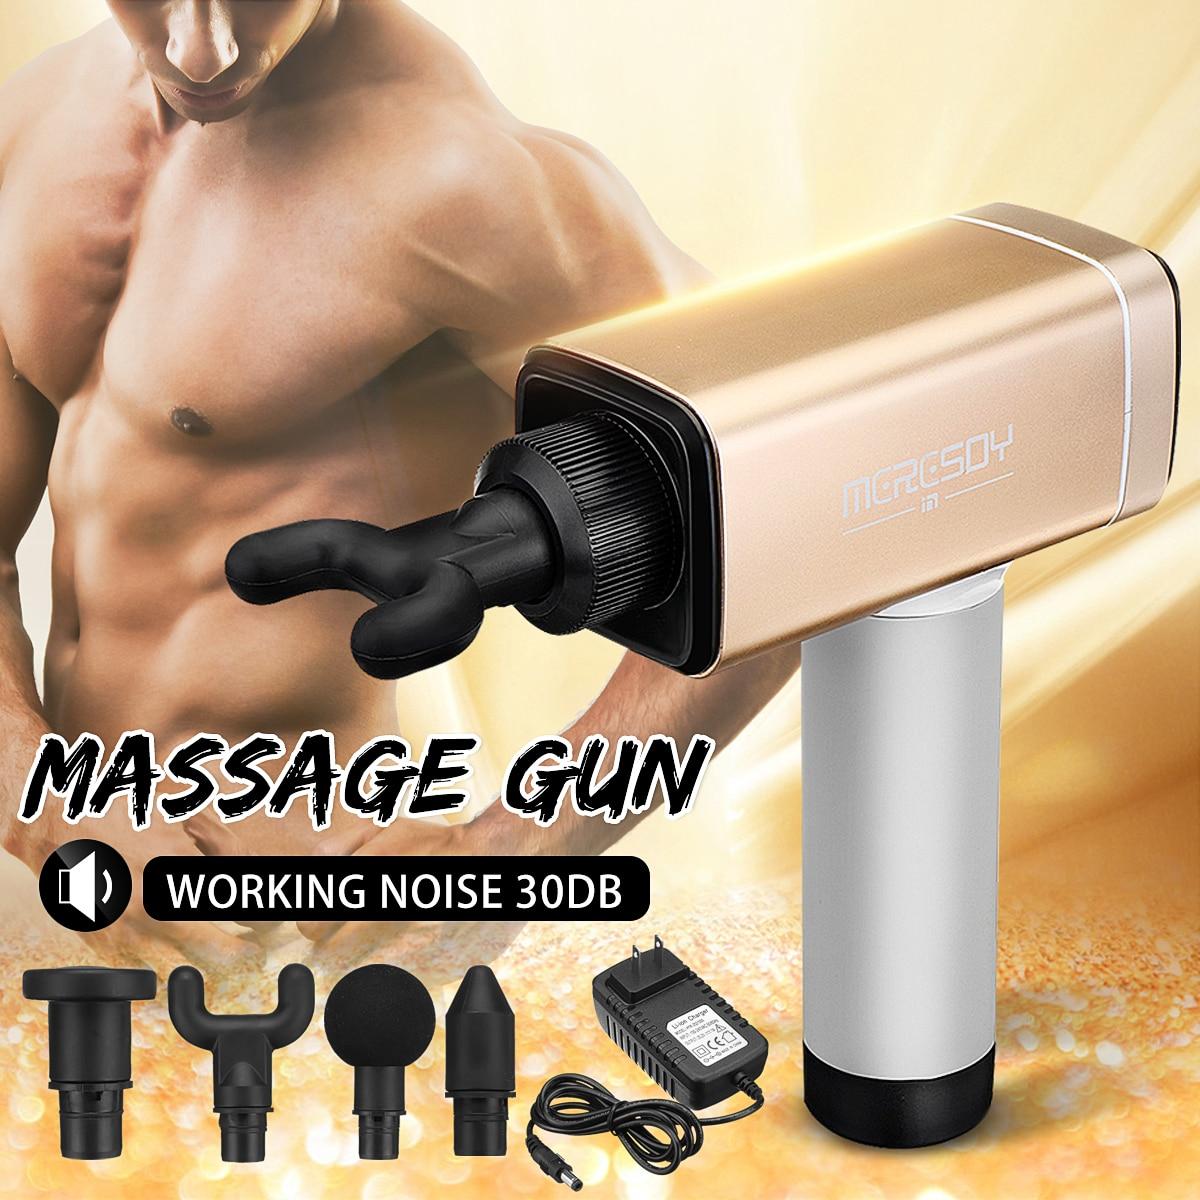 Massager do corpo relaxado 24 V Uso Comercial De Lítio Sem Fio Massagem para Arma de Vibração Da Máquina De Massagem de Relaxamento Muscular